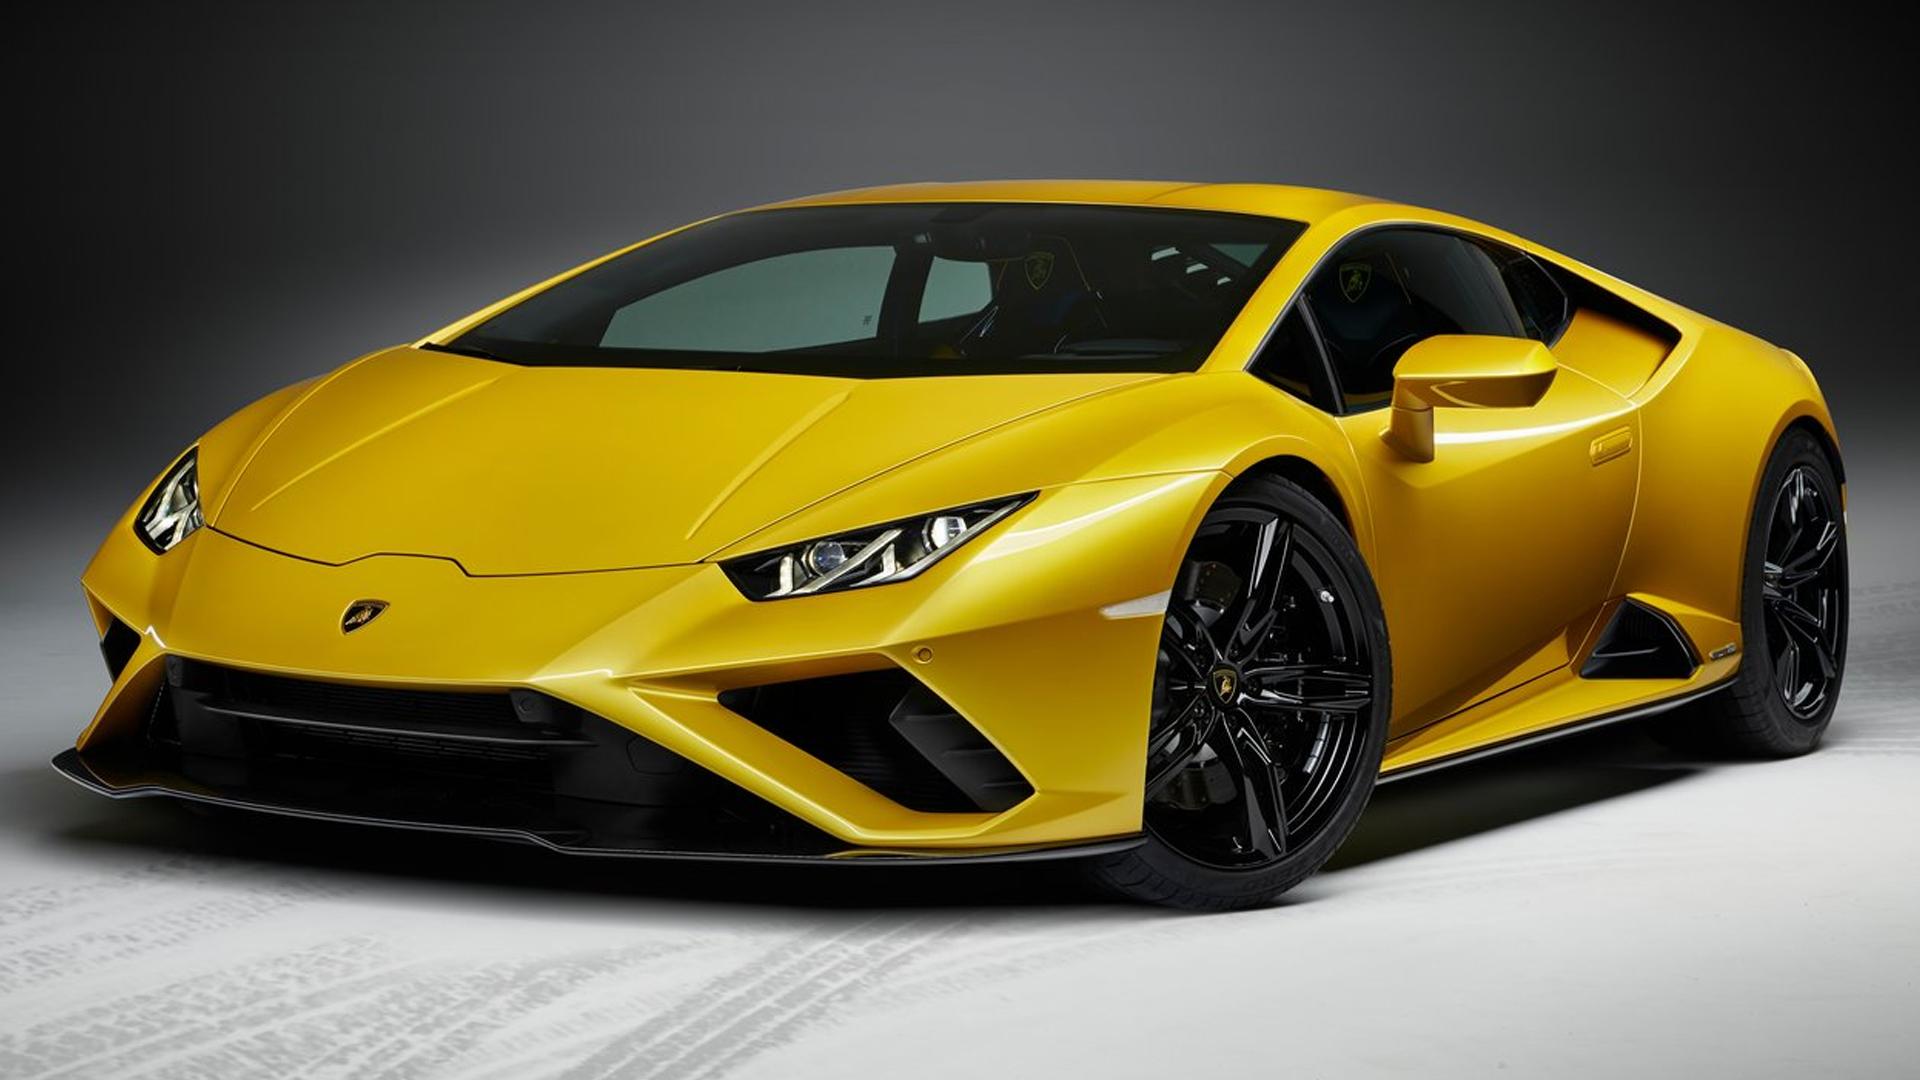 Lamborghini Huracan 2019 Spyder